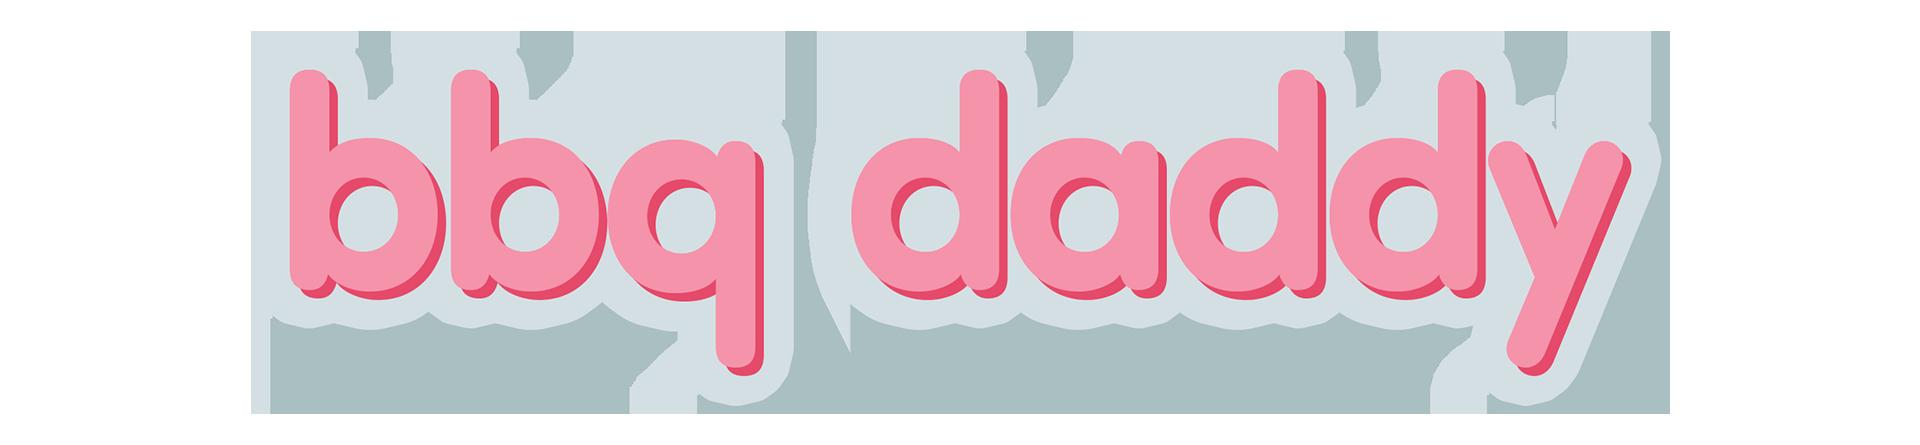 bbq daddy